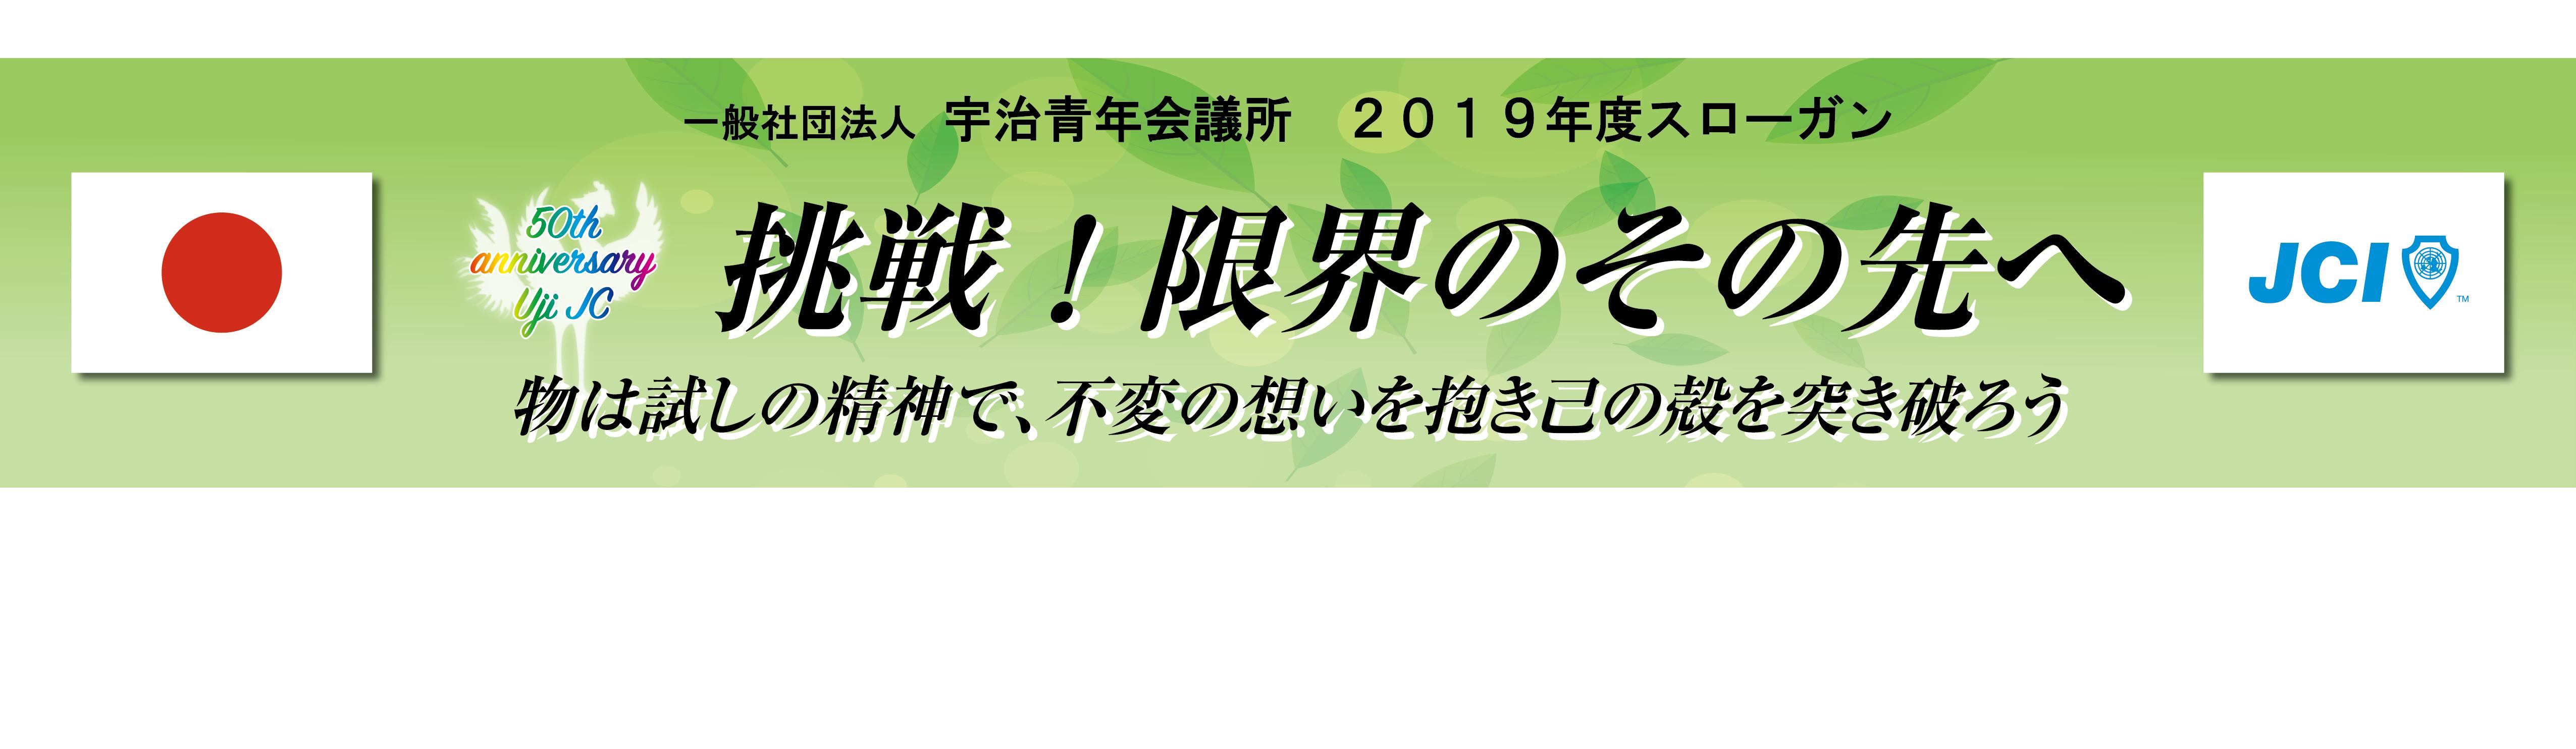 2019年度スローガン